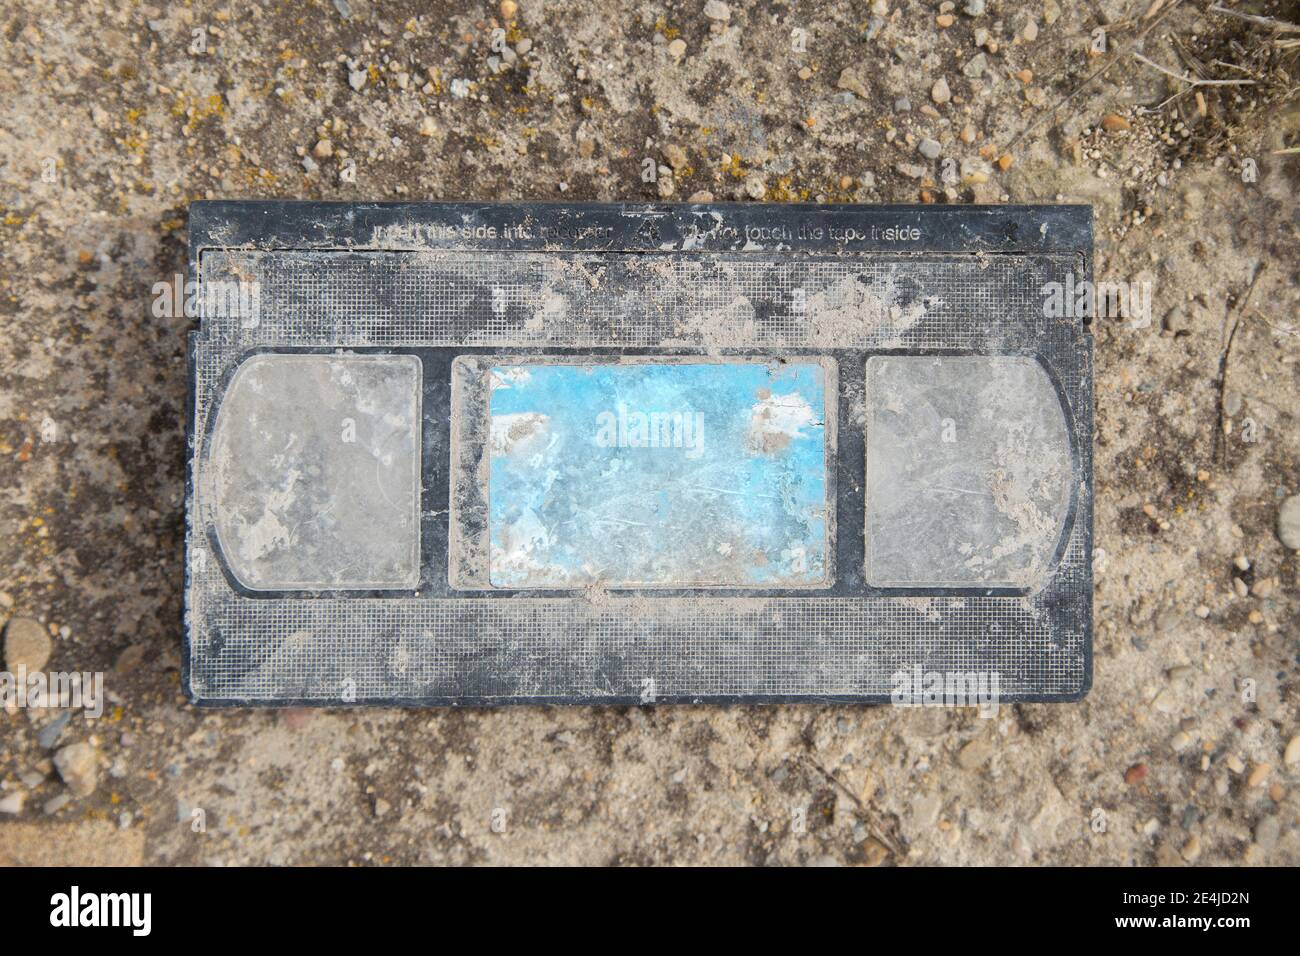 Antigua cinta de vídeo VHS, retro, tumbado en el medio del campo, abandonado. El problema de la basura y el plástico en el medio ambiente. Foto de stock